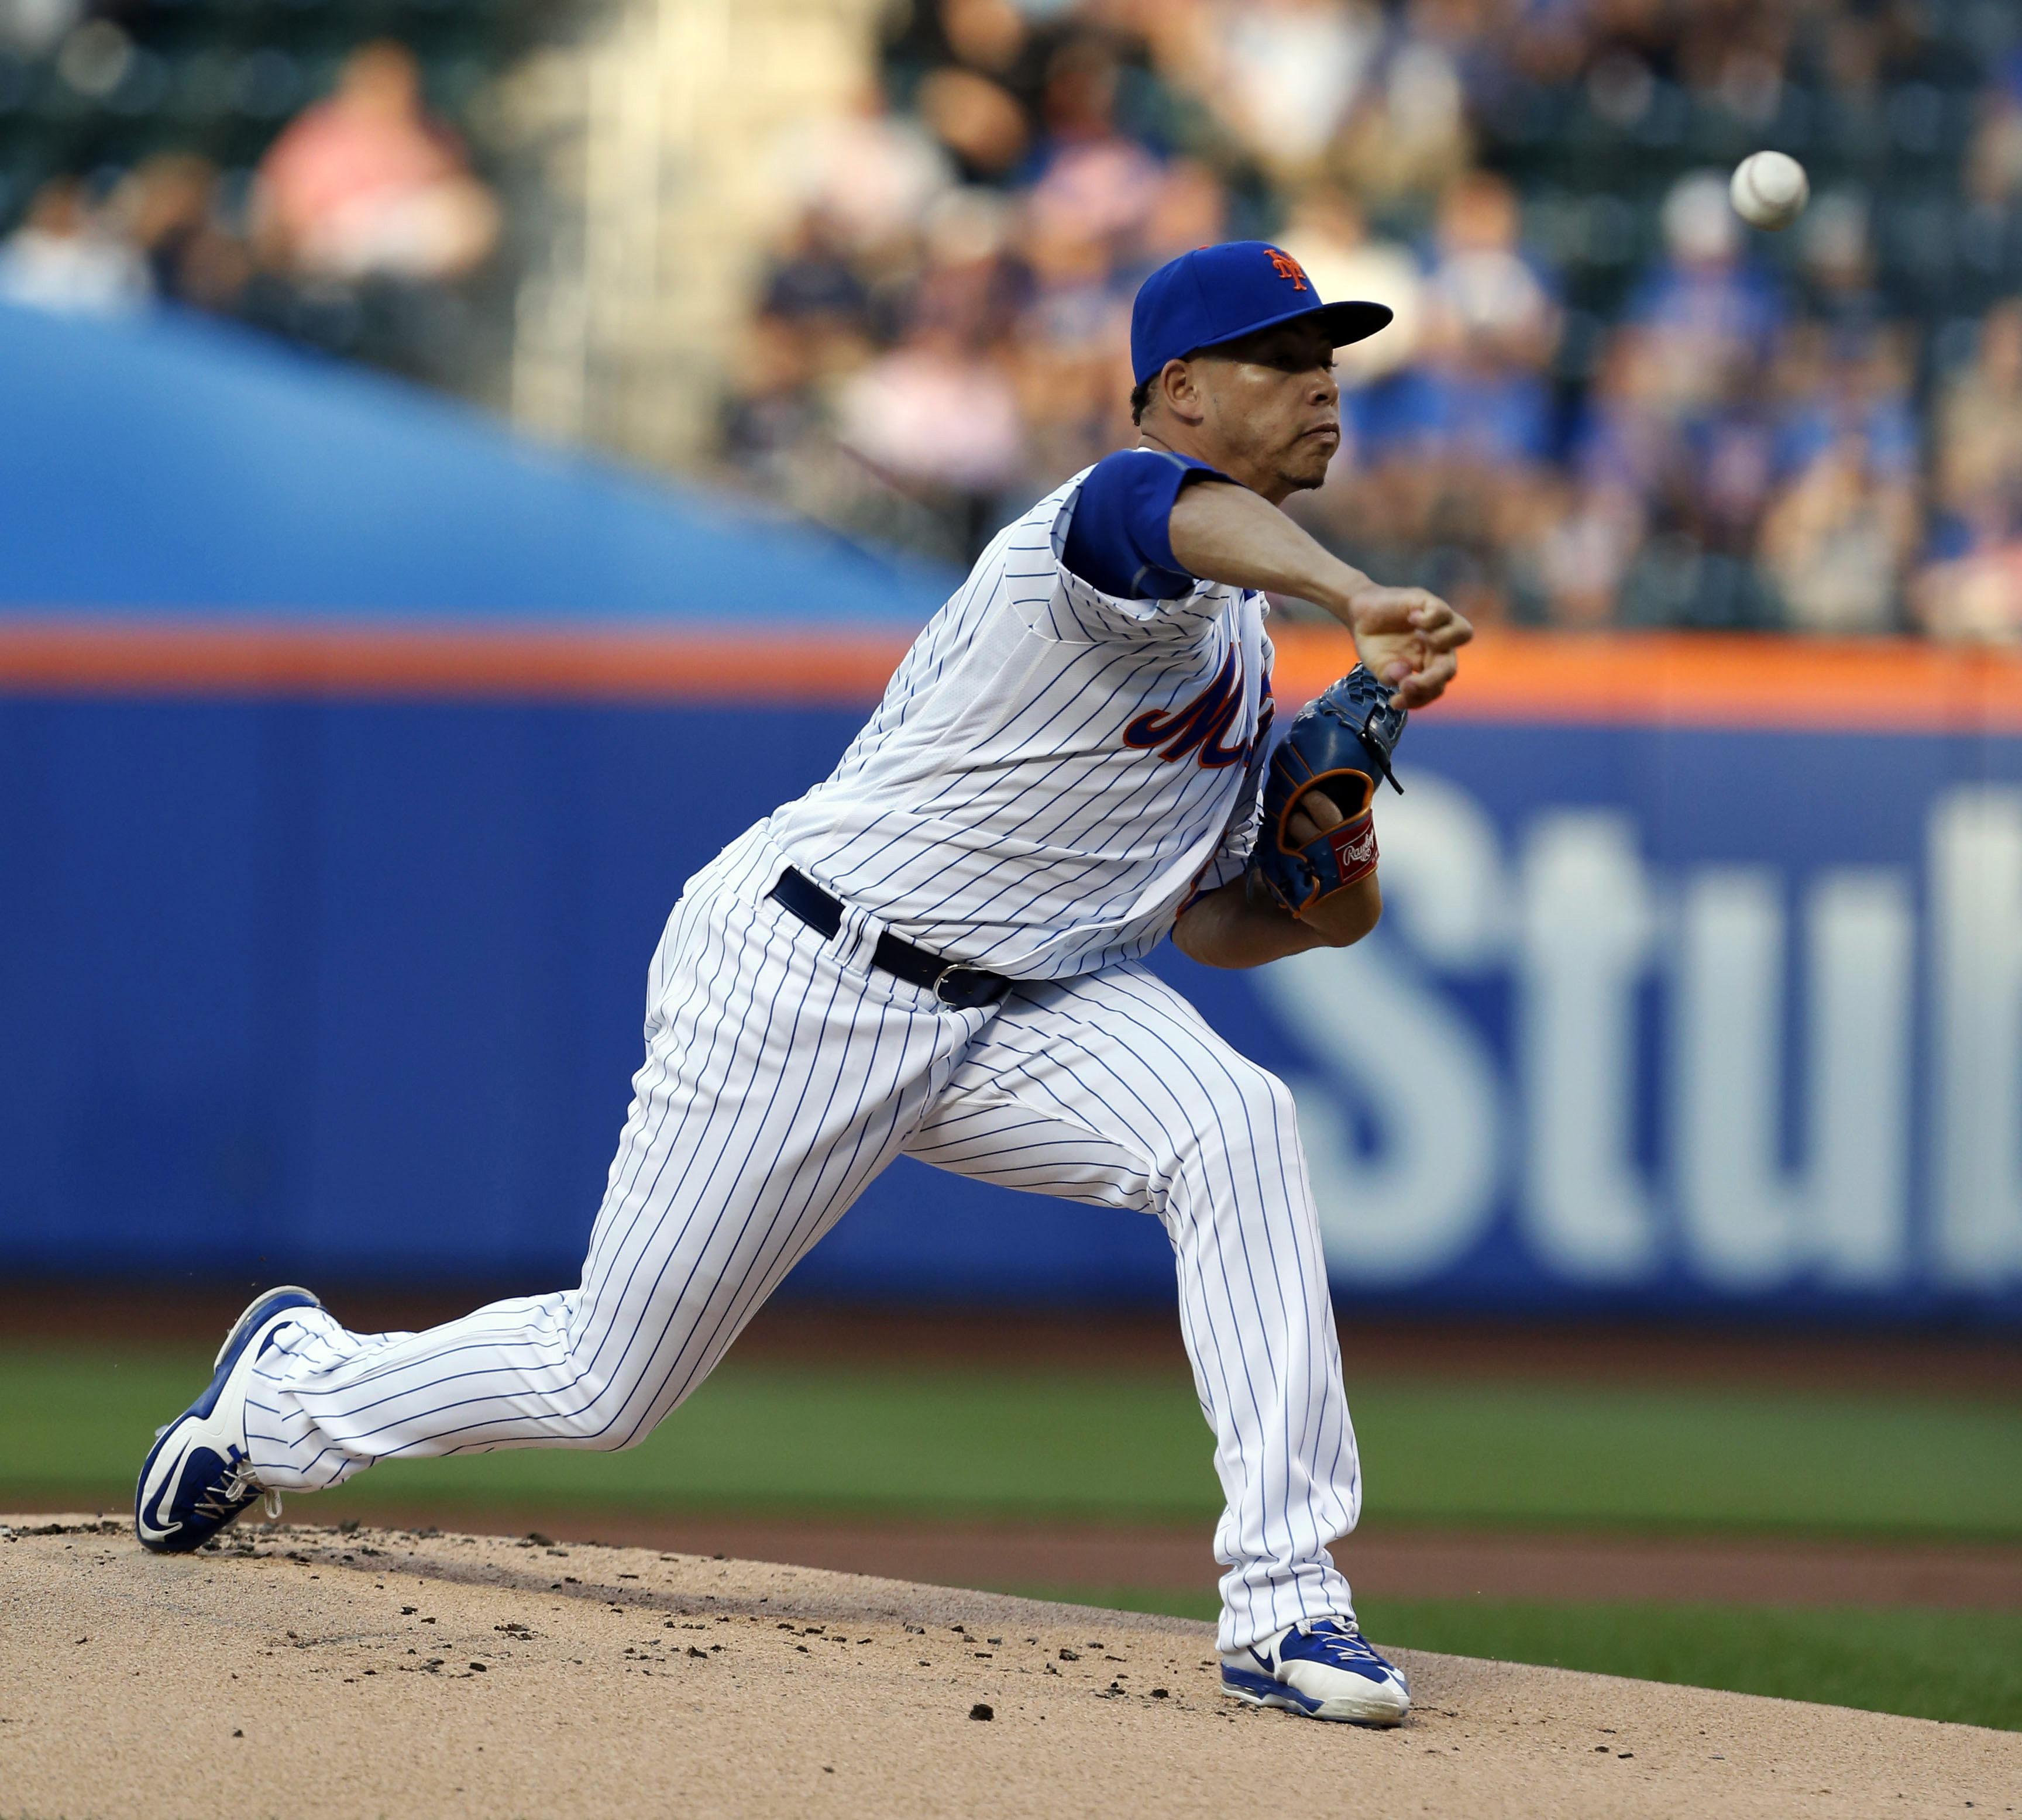 MLB: Kansas City Royals at New York Mets